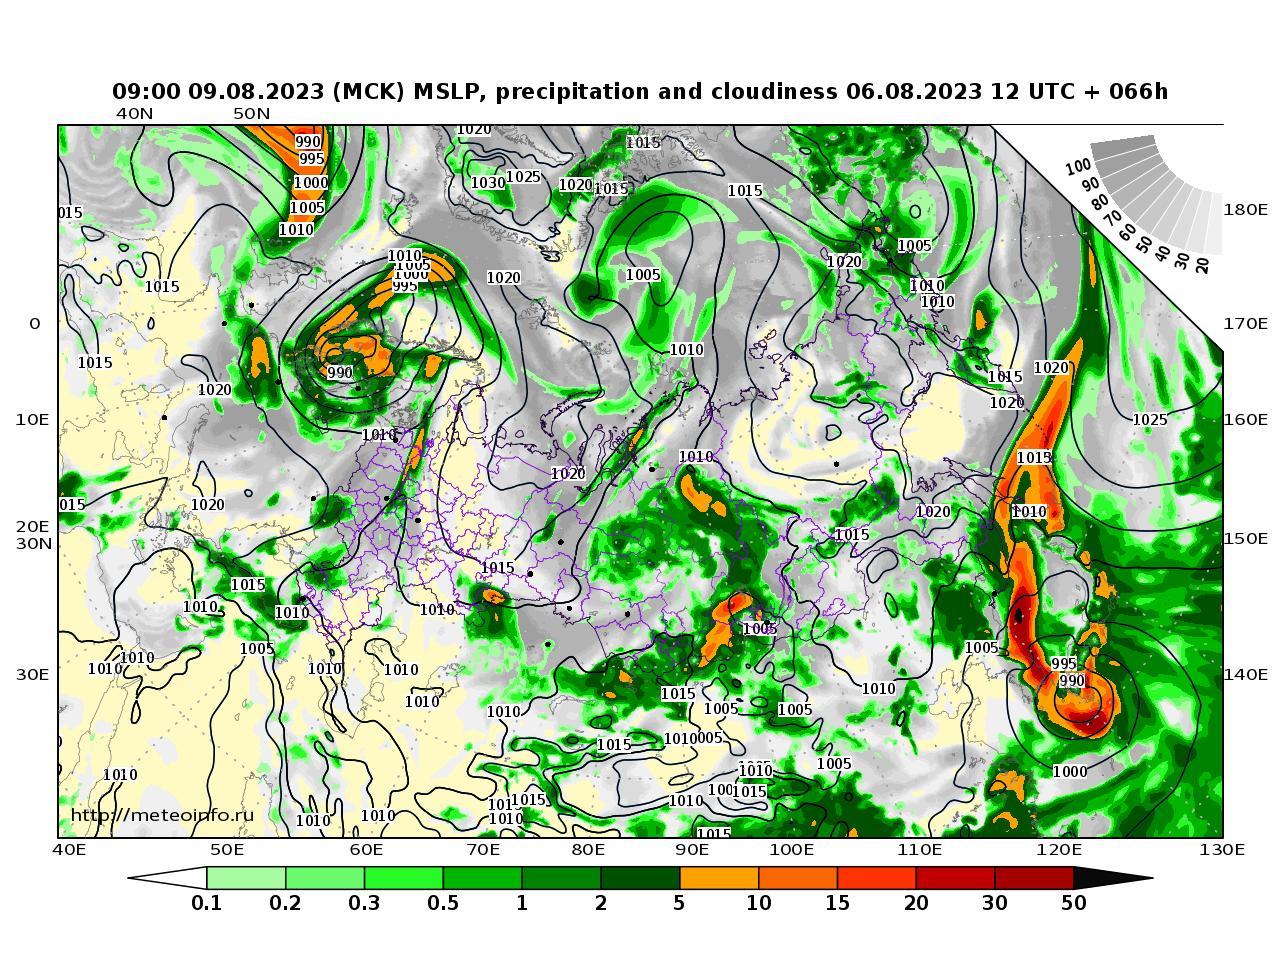 Россия, прогностическая карта осадки и давление, заблаговременность прогноза 66 часов